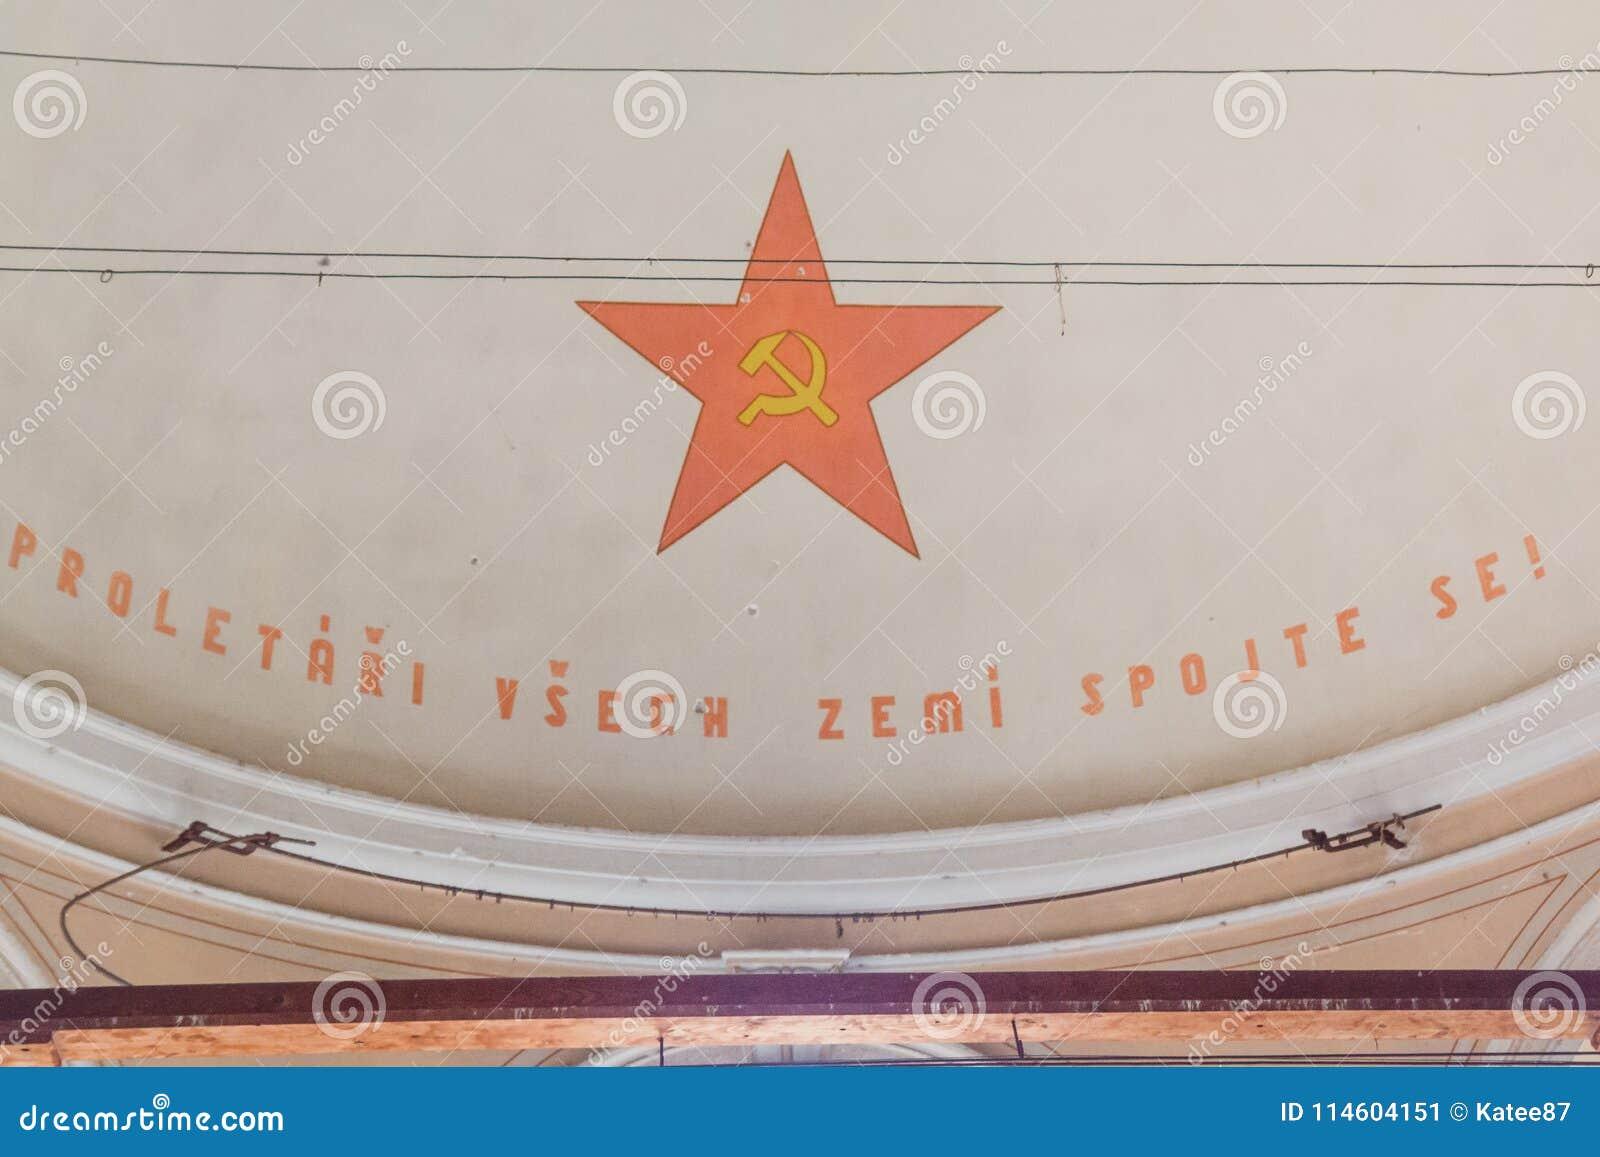 Une prison communiste commémorant les atrocités et les pratiques communistes de la torture et imposant la confession